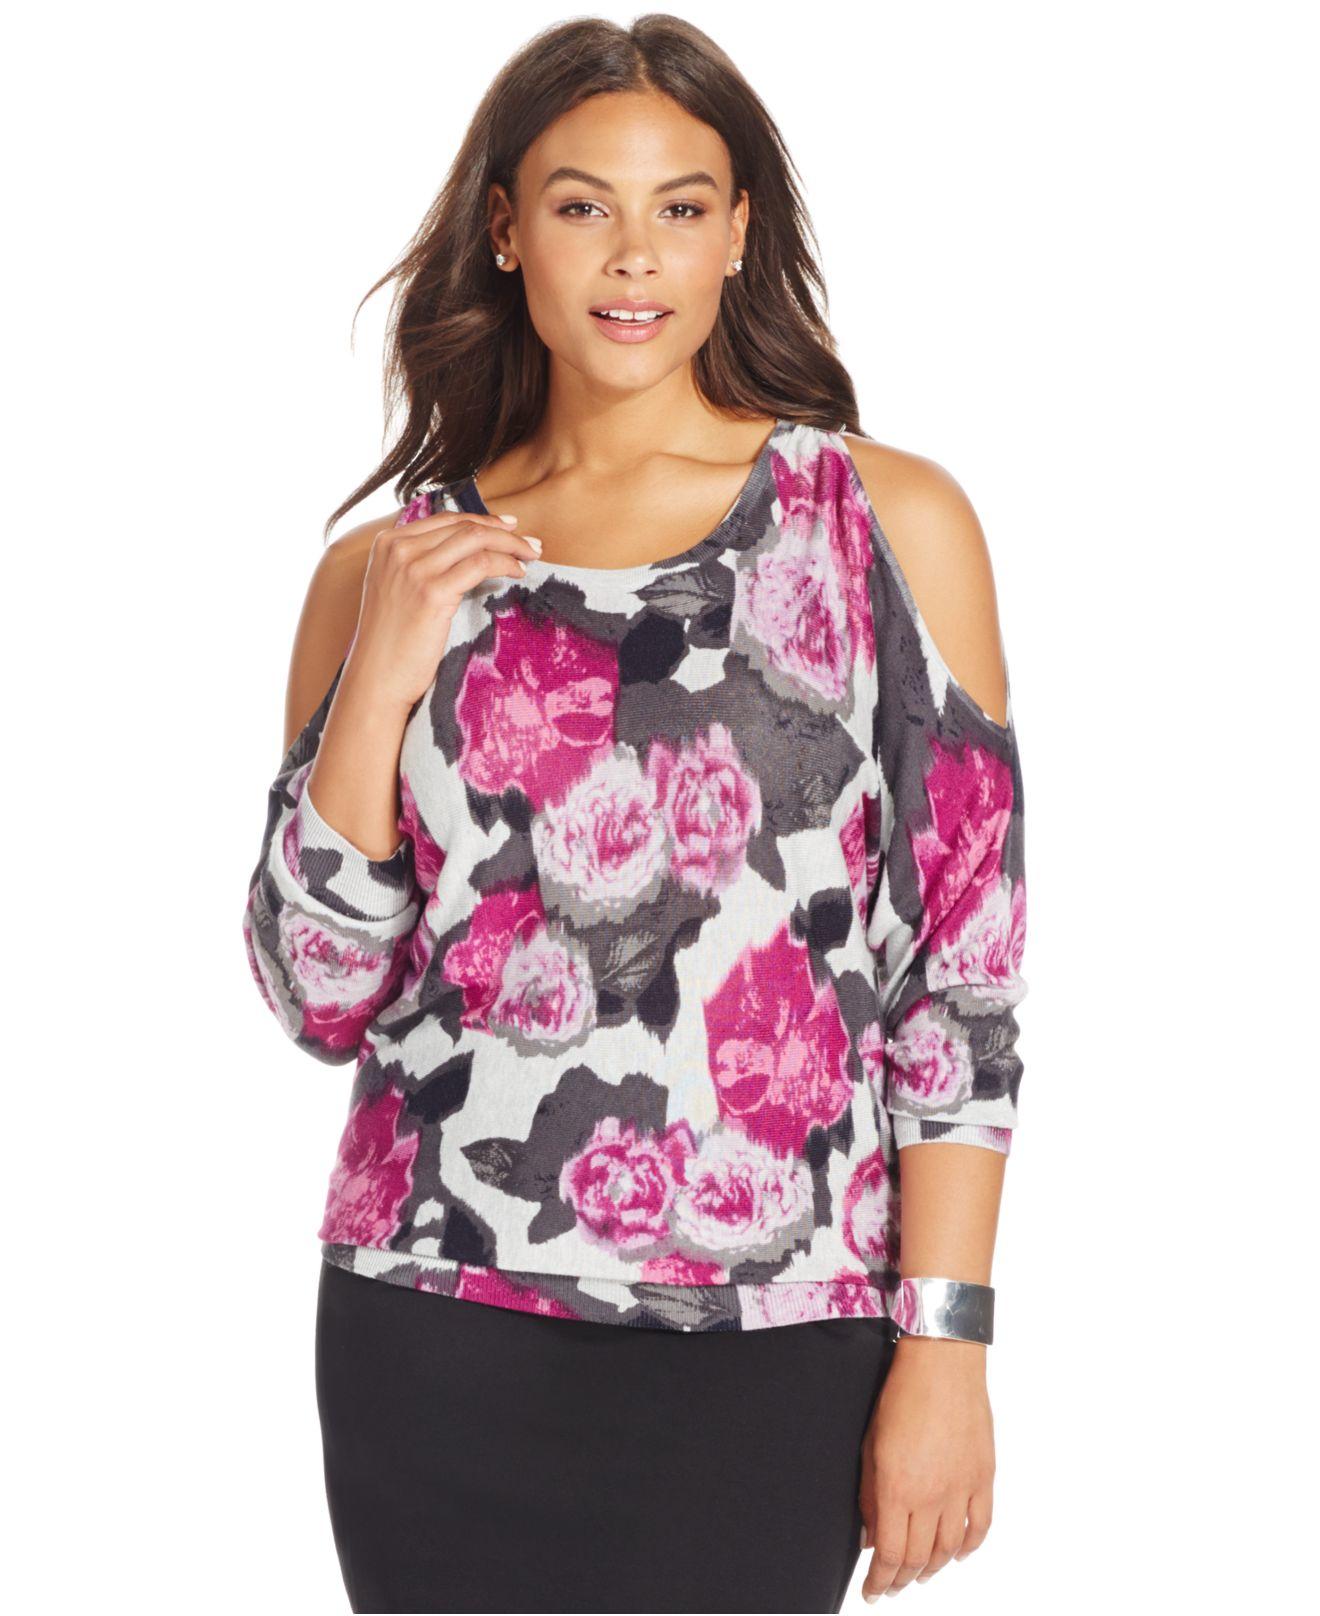 5d27b59610b Lyst - INC International Concepts Plus Size Floral-print Cold ...